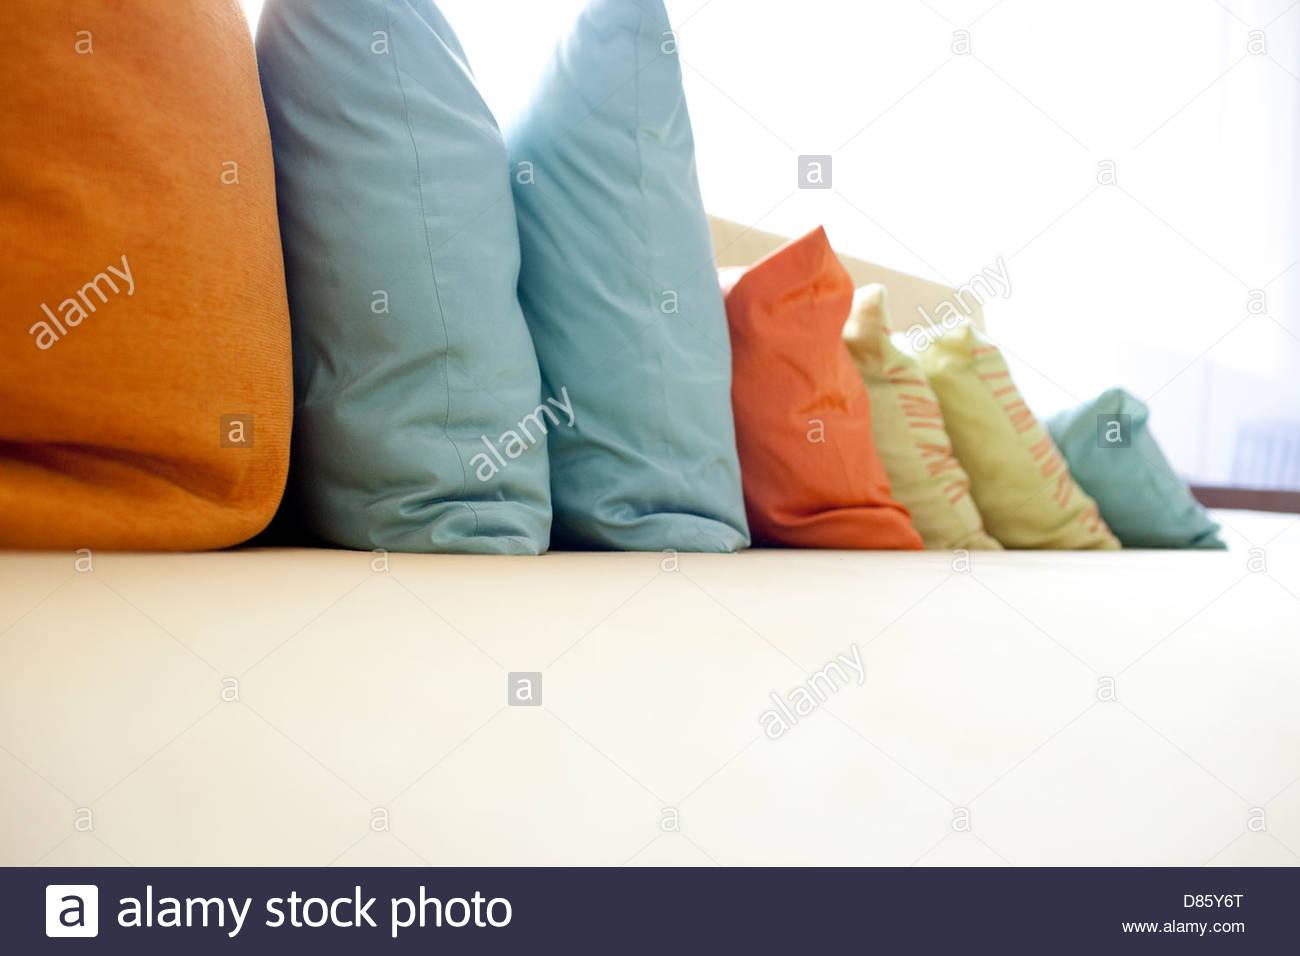 Full Size of Sofakissen Lang Lounge Sofa Lange Kussens Sofaborde Langes Leder Stockfotos Bilder Alamy 3 Teilig Xora Mit Schlaffunktion Federkern Kaufen Günstig Grau Stoff Sofa Langes Sofa